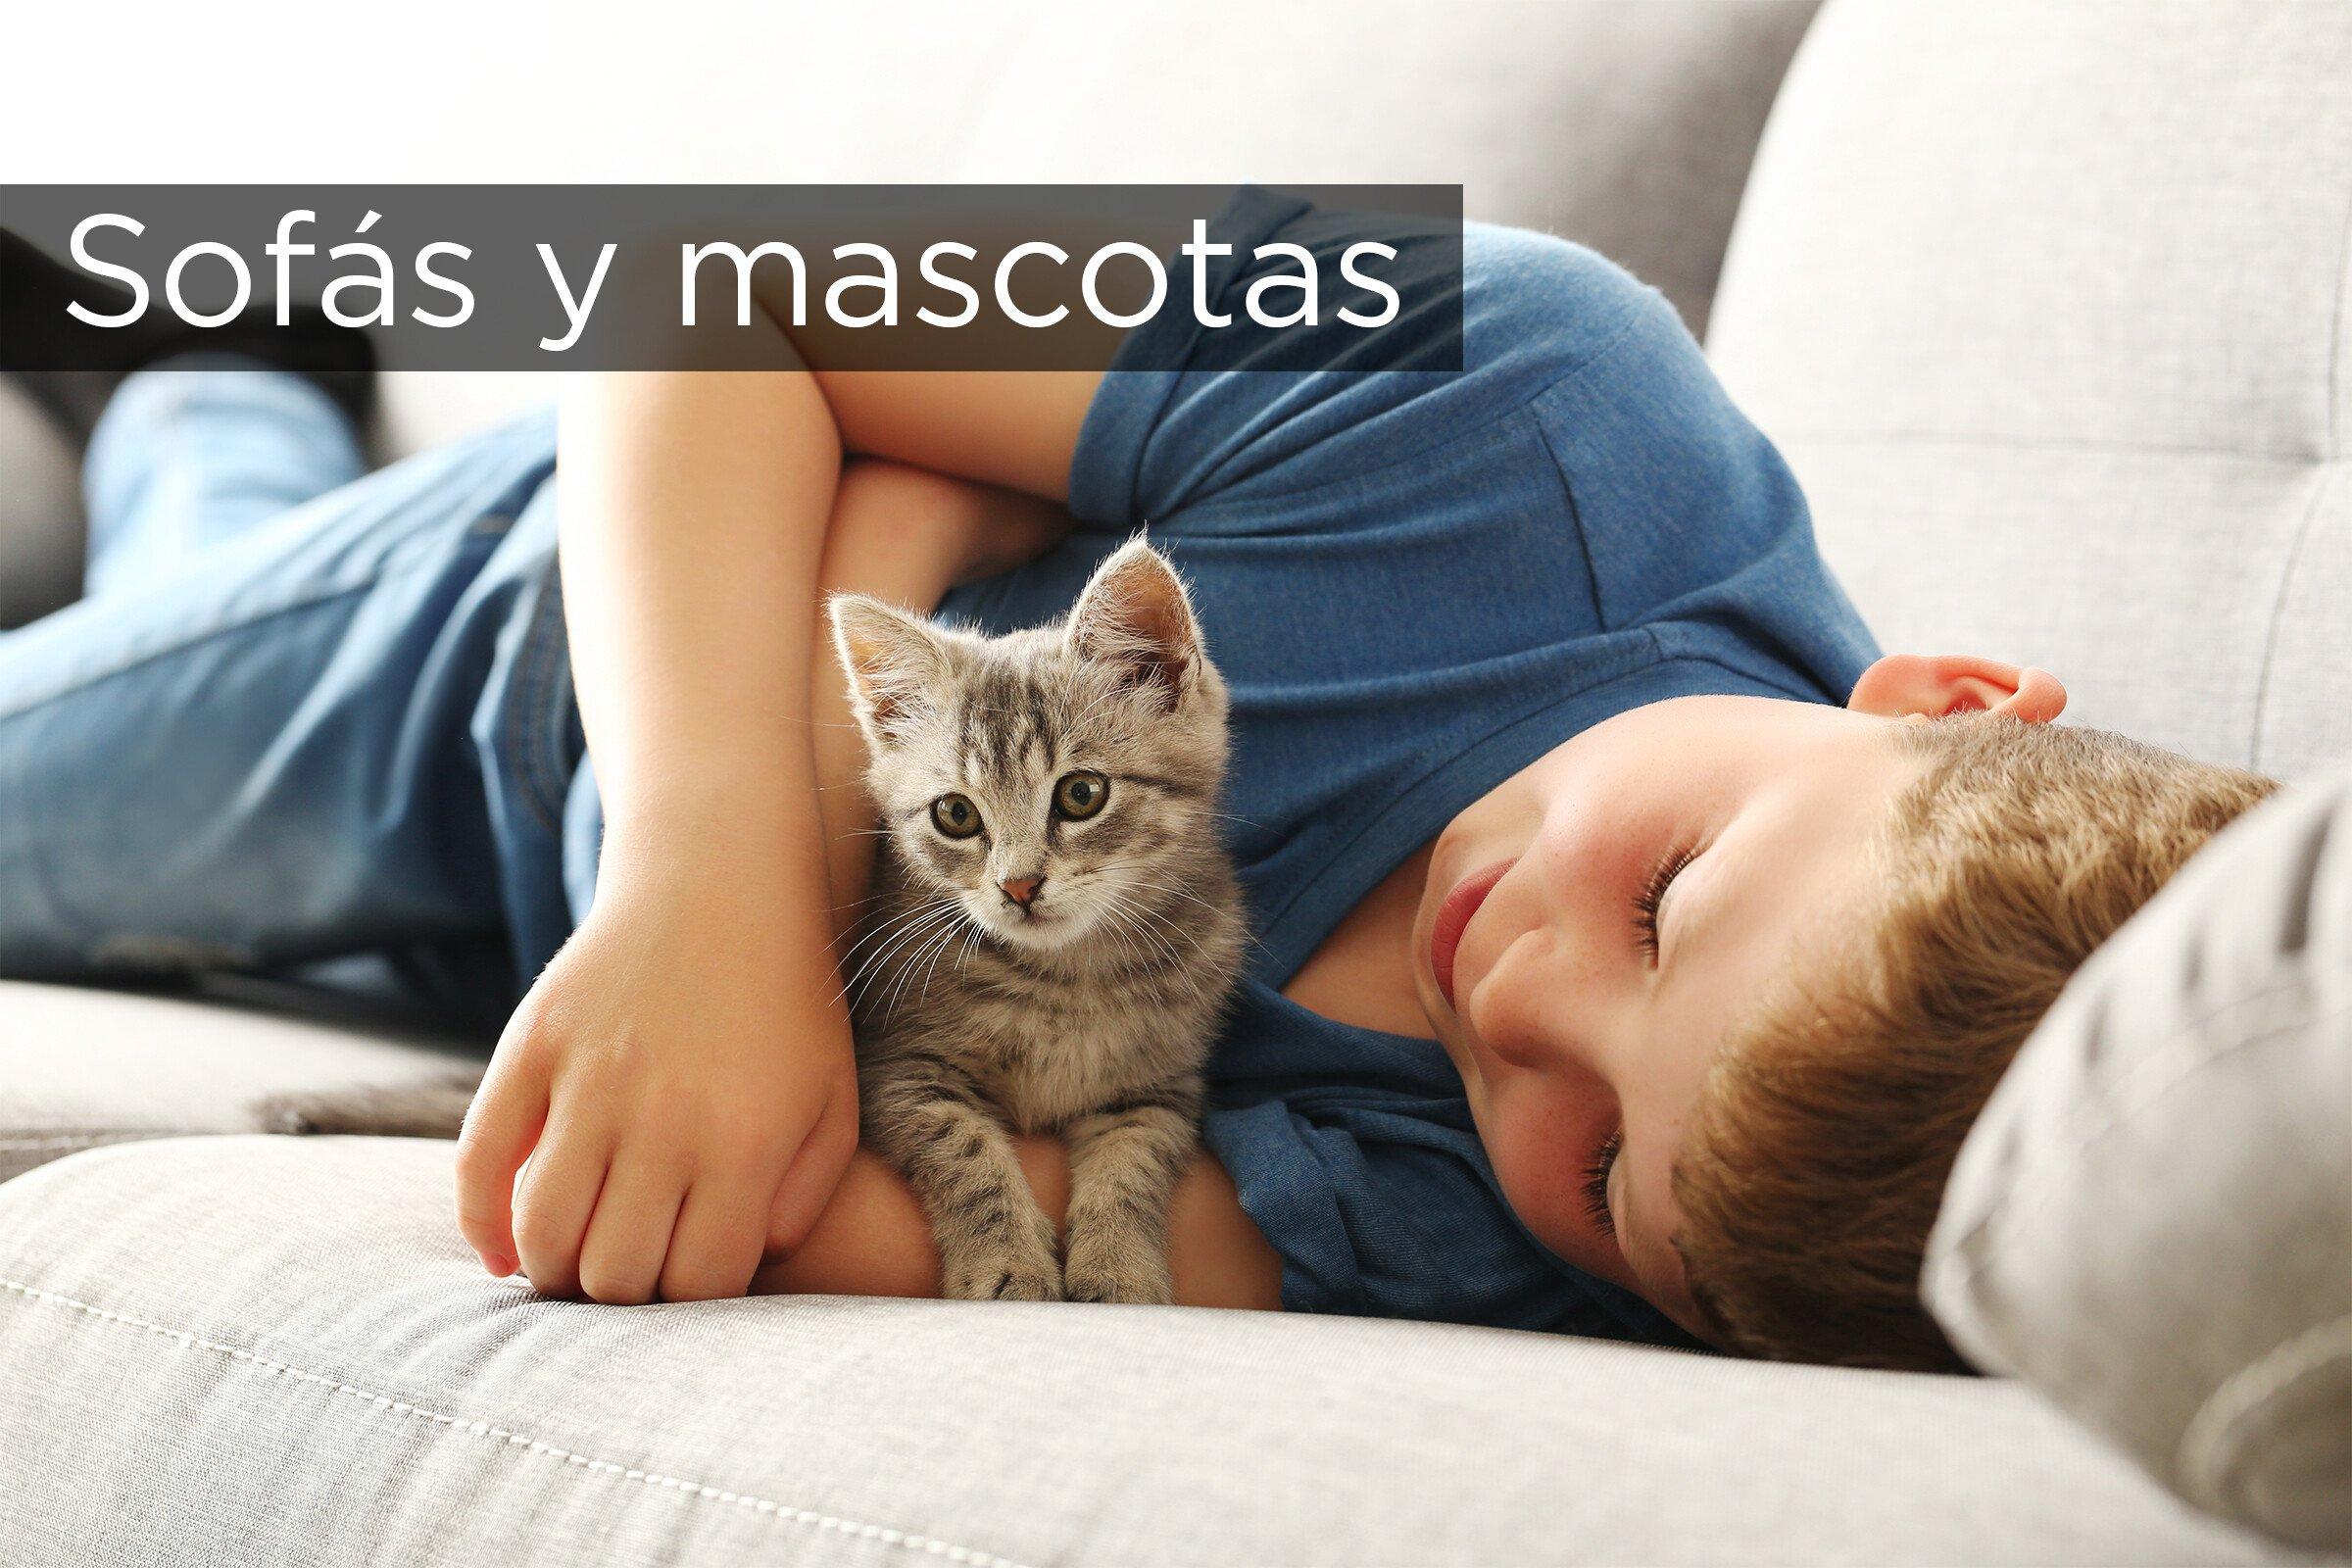 Sofas Y Mascotas